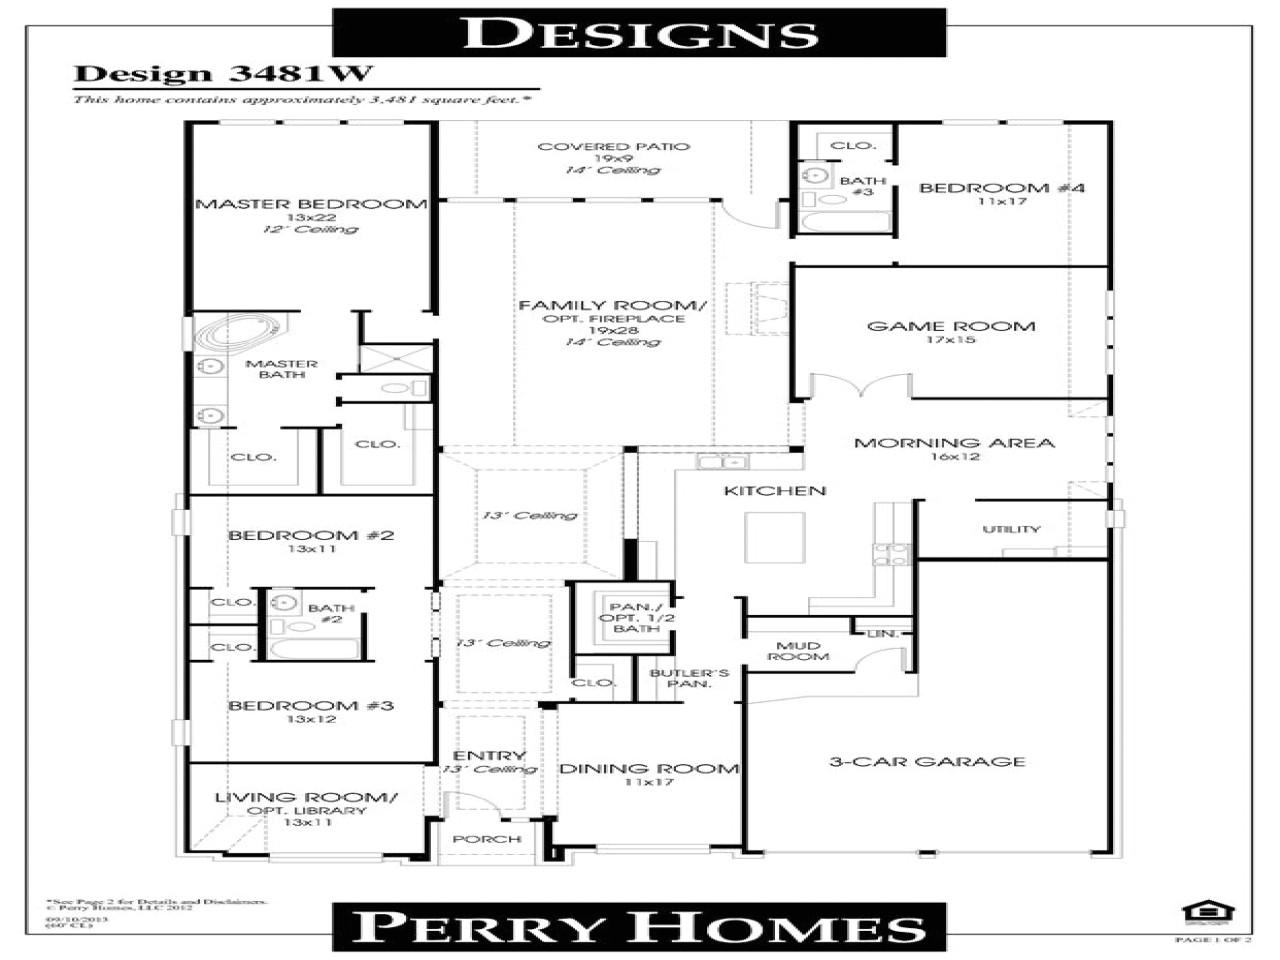 b2de3b48e275df3d open floor plans small home perry homes floor plans